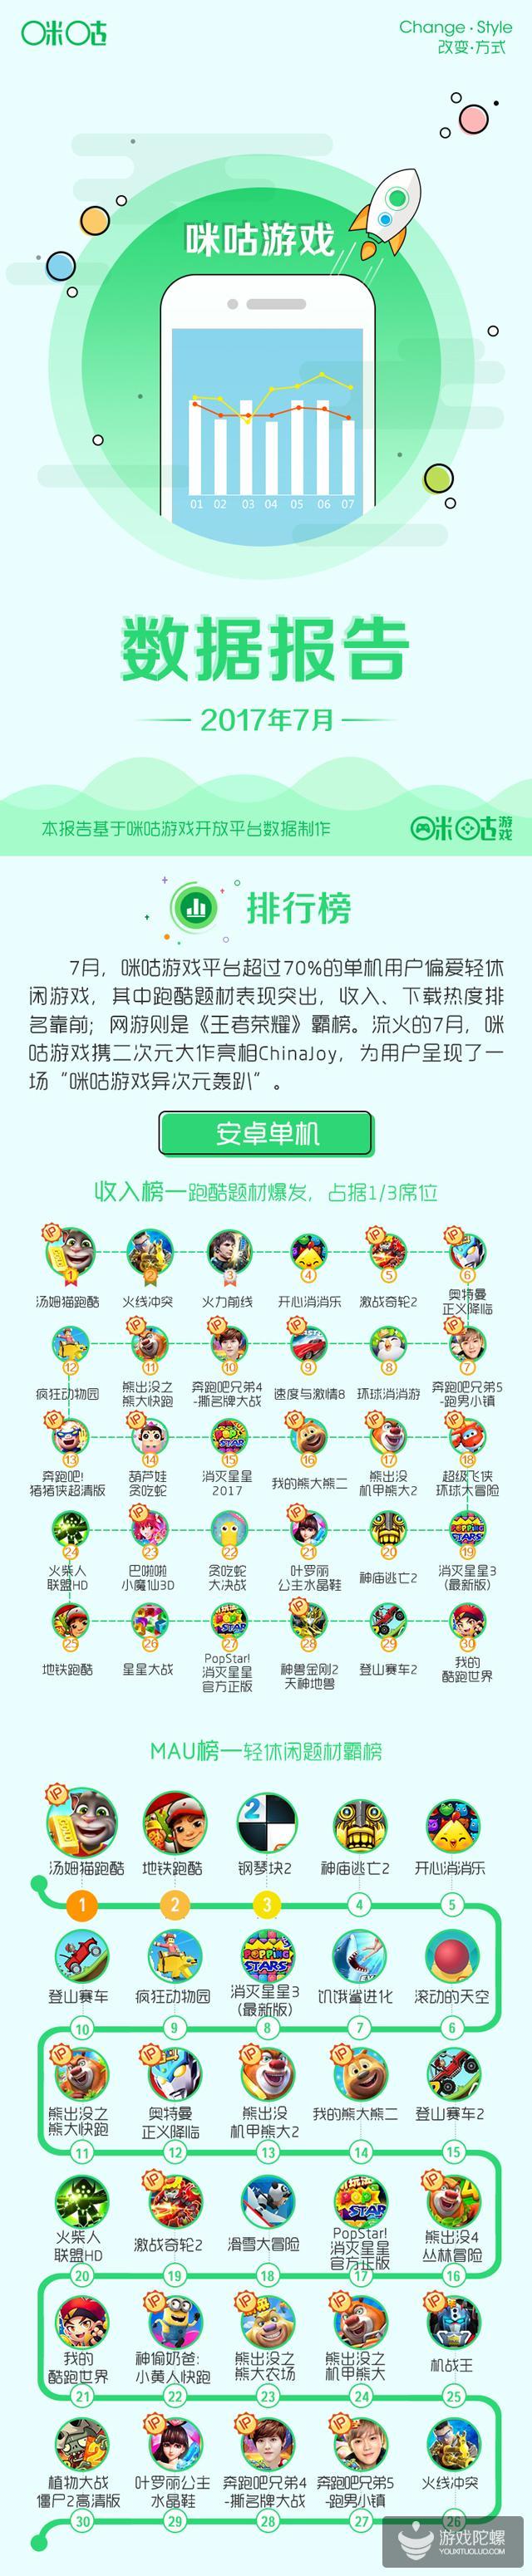 咪咕游戏7月报告:超70%单机用户偏爱轻休闲题材,《王者荣耀》依旧霸榜